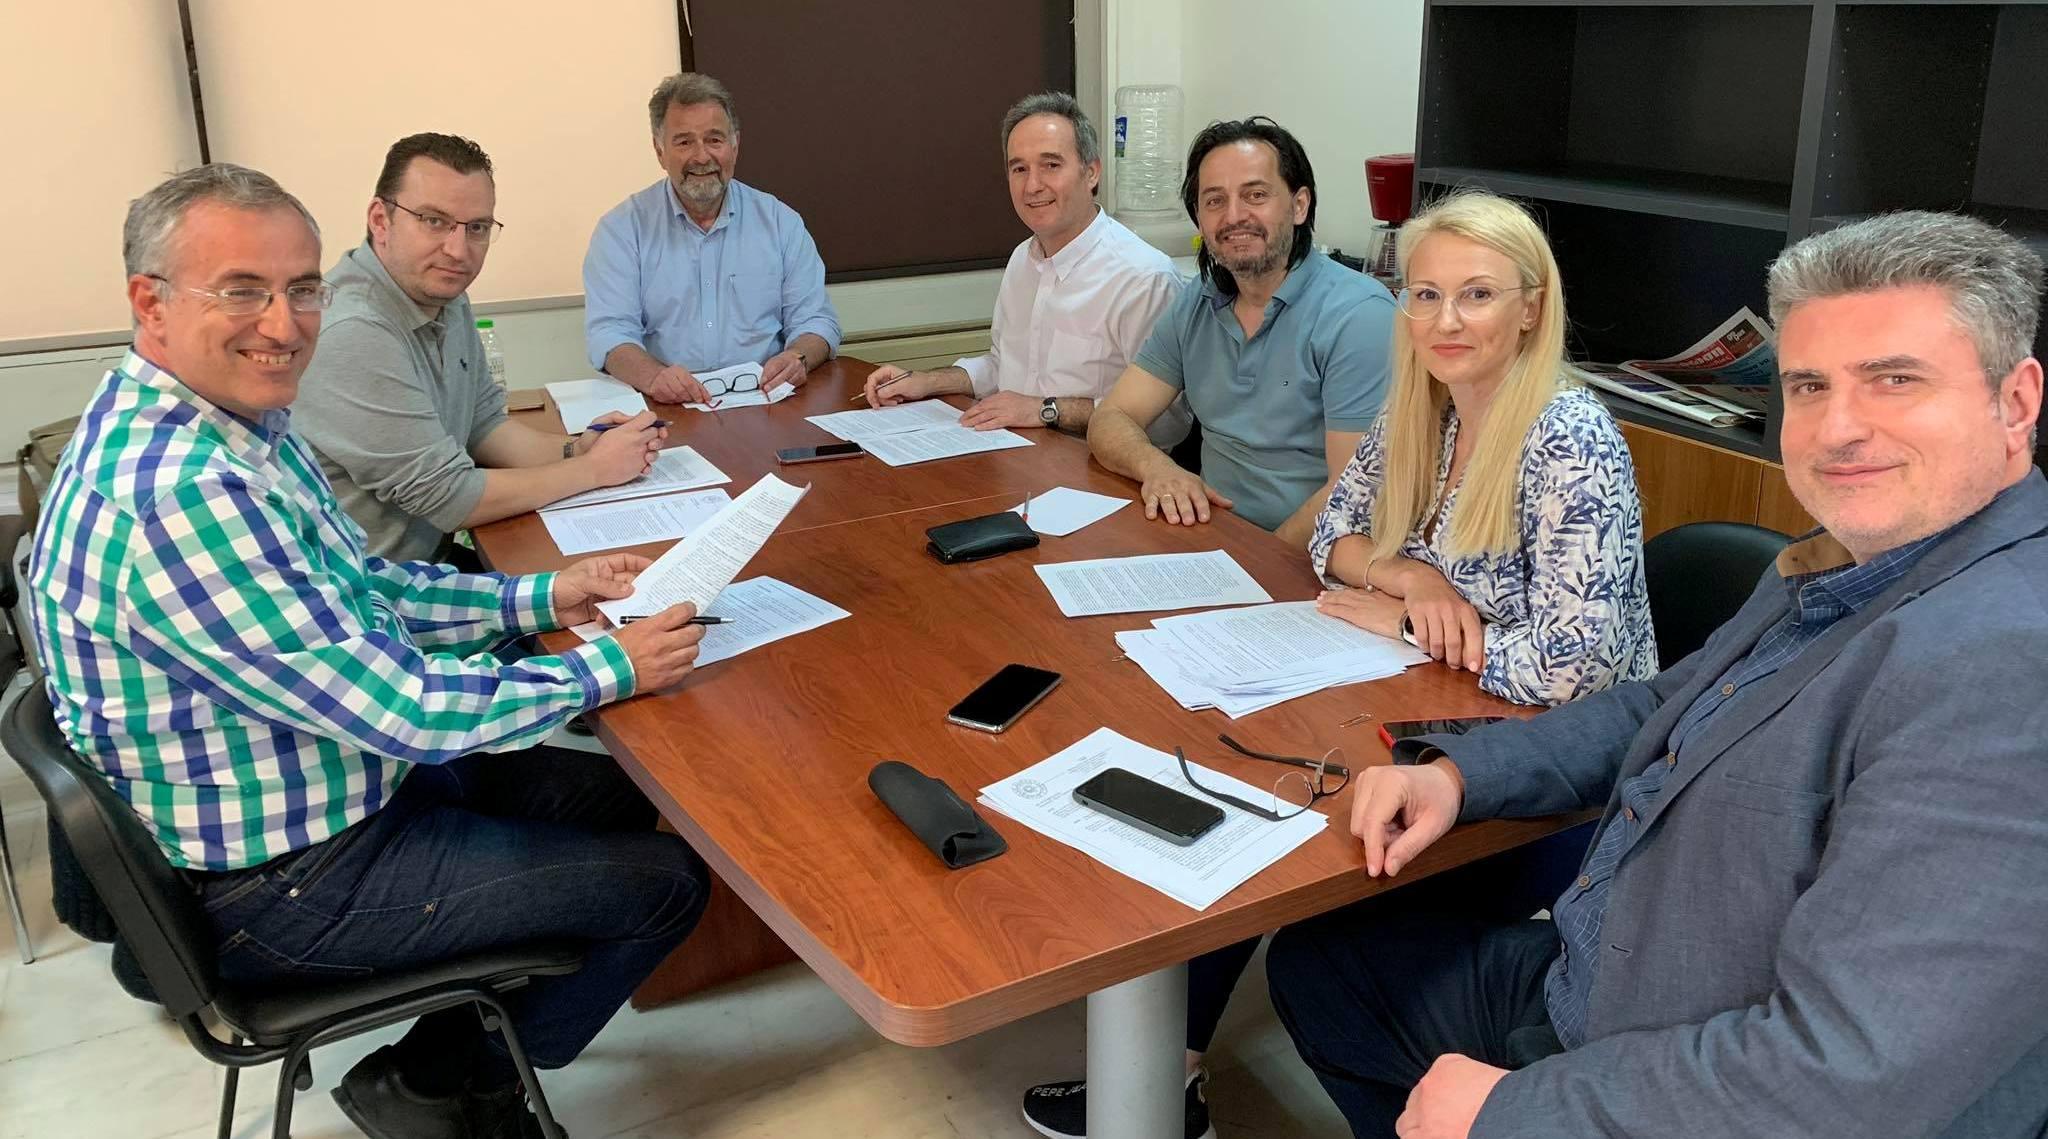 Αναθεώρηση χρήσεων γης - Δια ζώσης οι προτάσεις του ΤΕΕ Πιερίας στον αντιδήμαρχο Δόμησης Κατερίνης